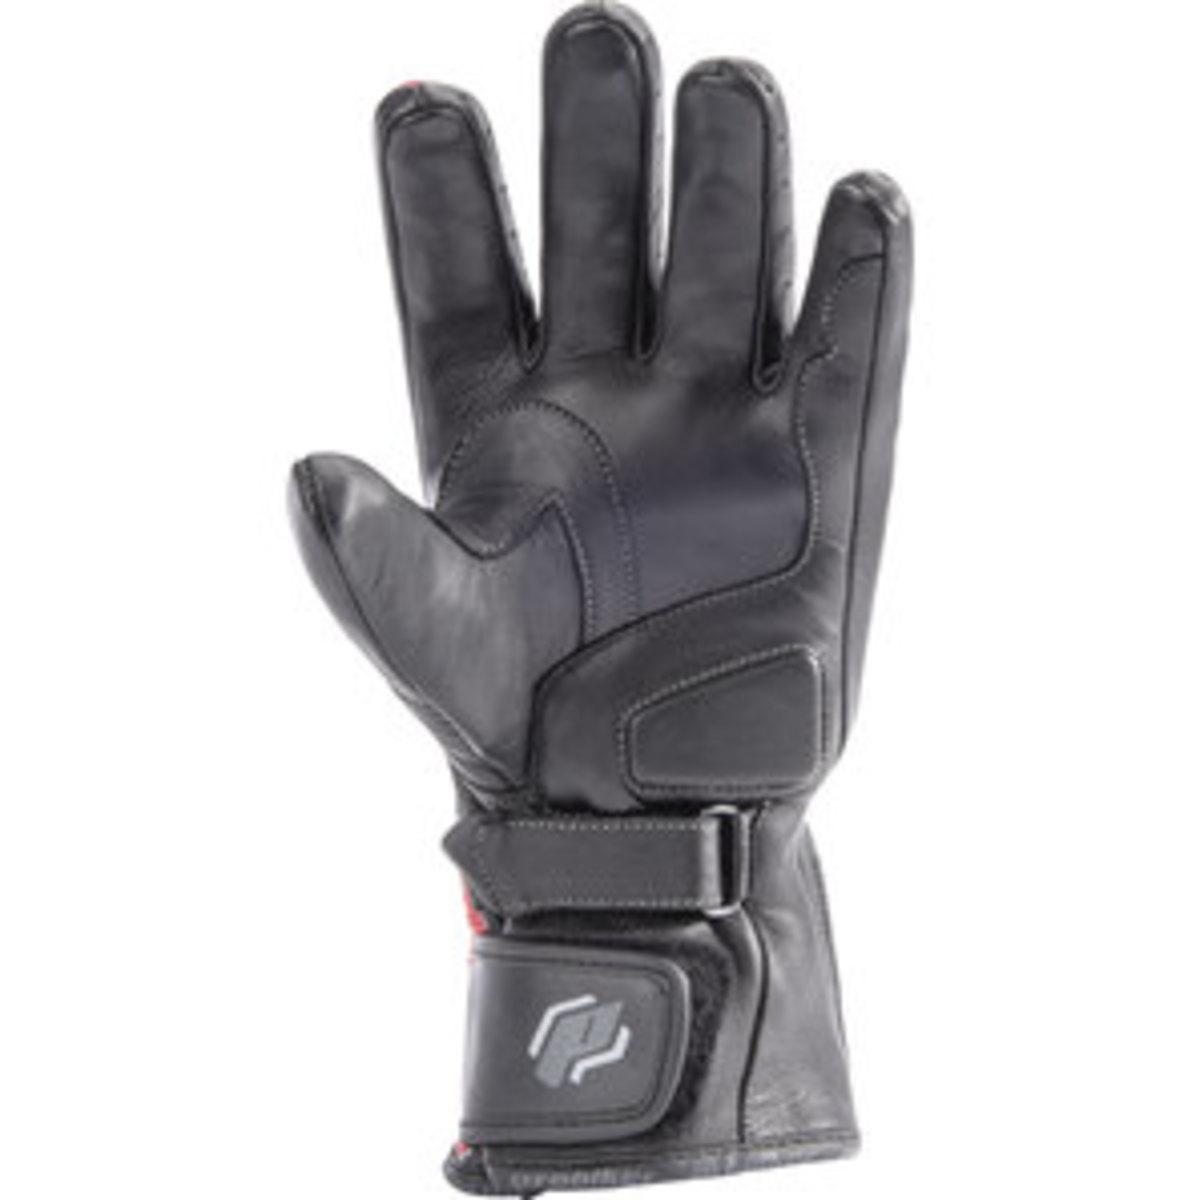 Bild 4 von Probiker Traveler LSE 80        Handschuhe